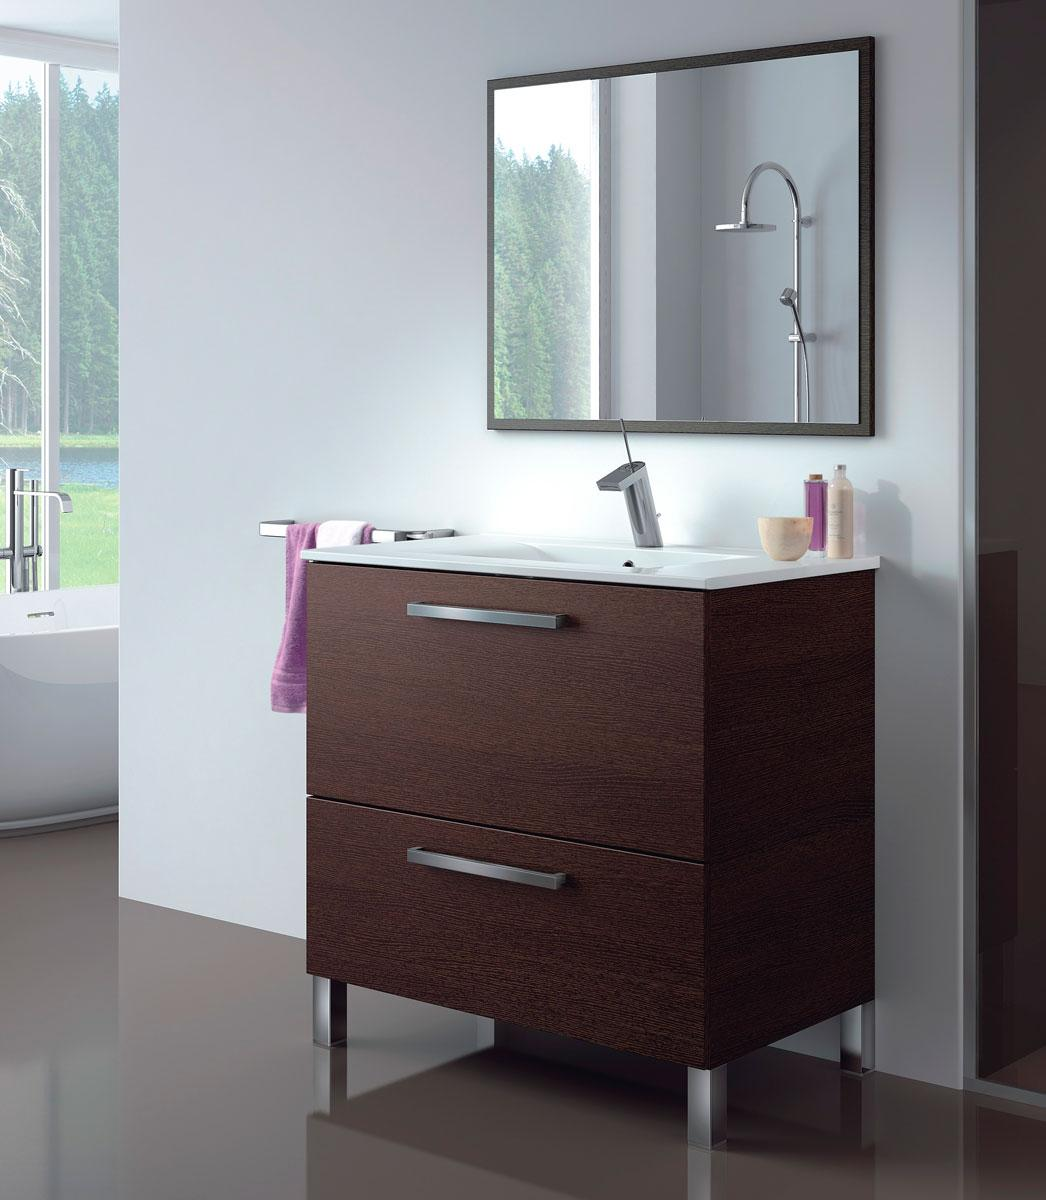 Muebles Para Baño Wengue:mueble-de-baño-en-kit-urban-80-en-wengue-los-mejores-muebles-de-baño